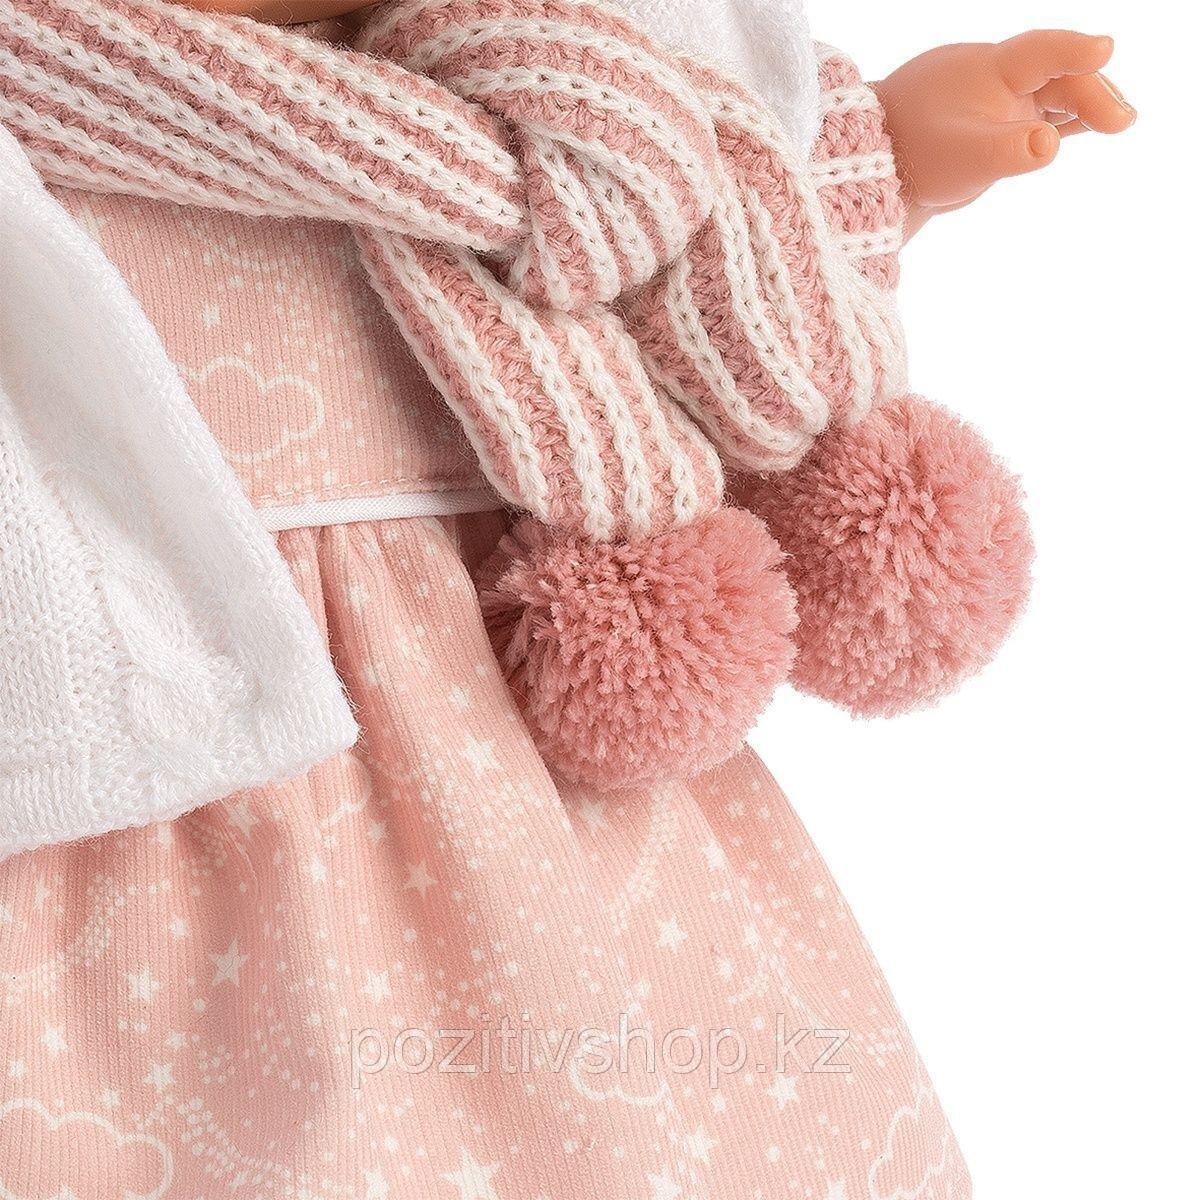 Кукла Llorens Лола 38см, брюнетка в белой курточке с капюшоном - фото 5